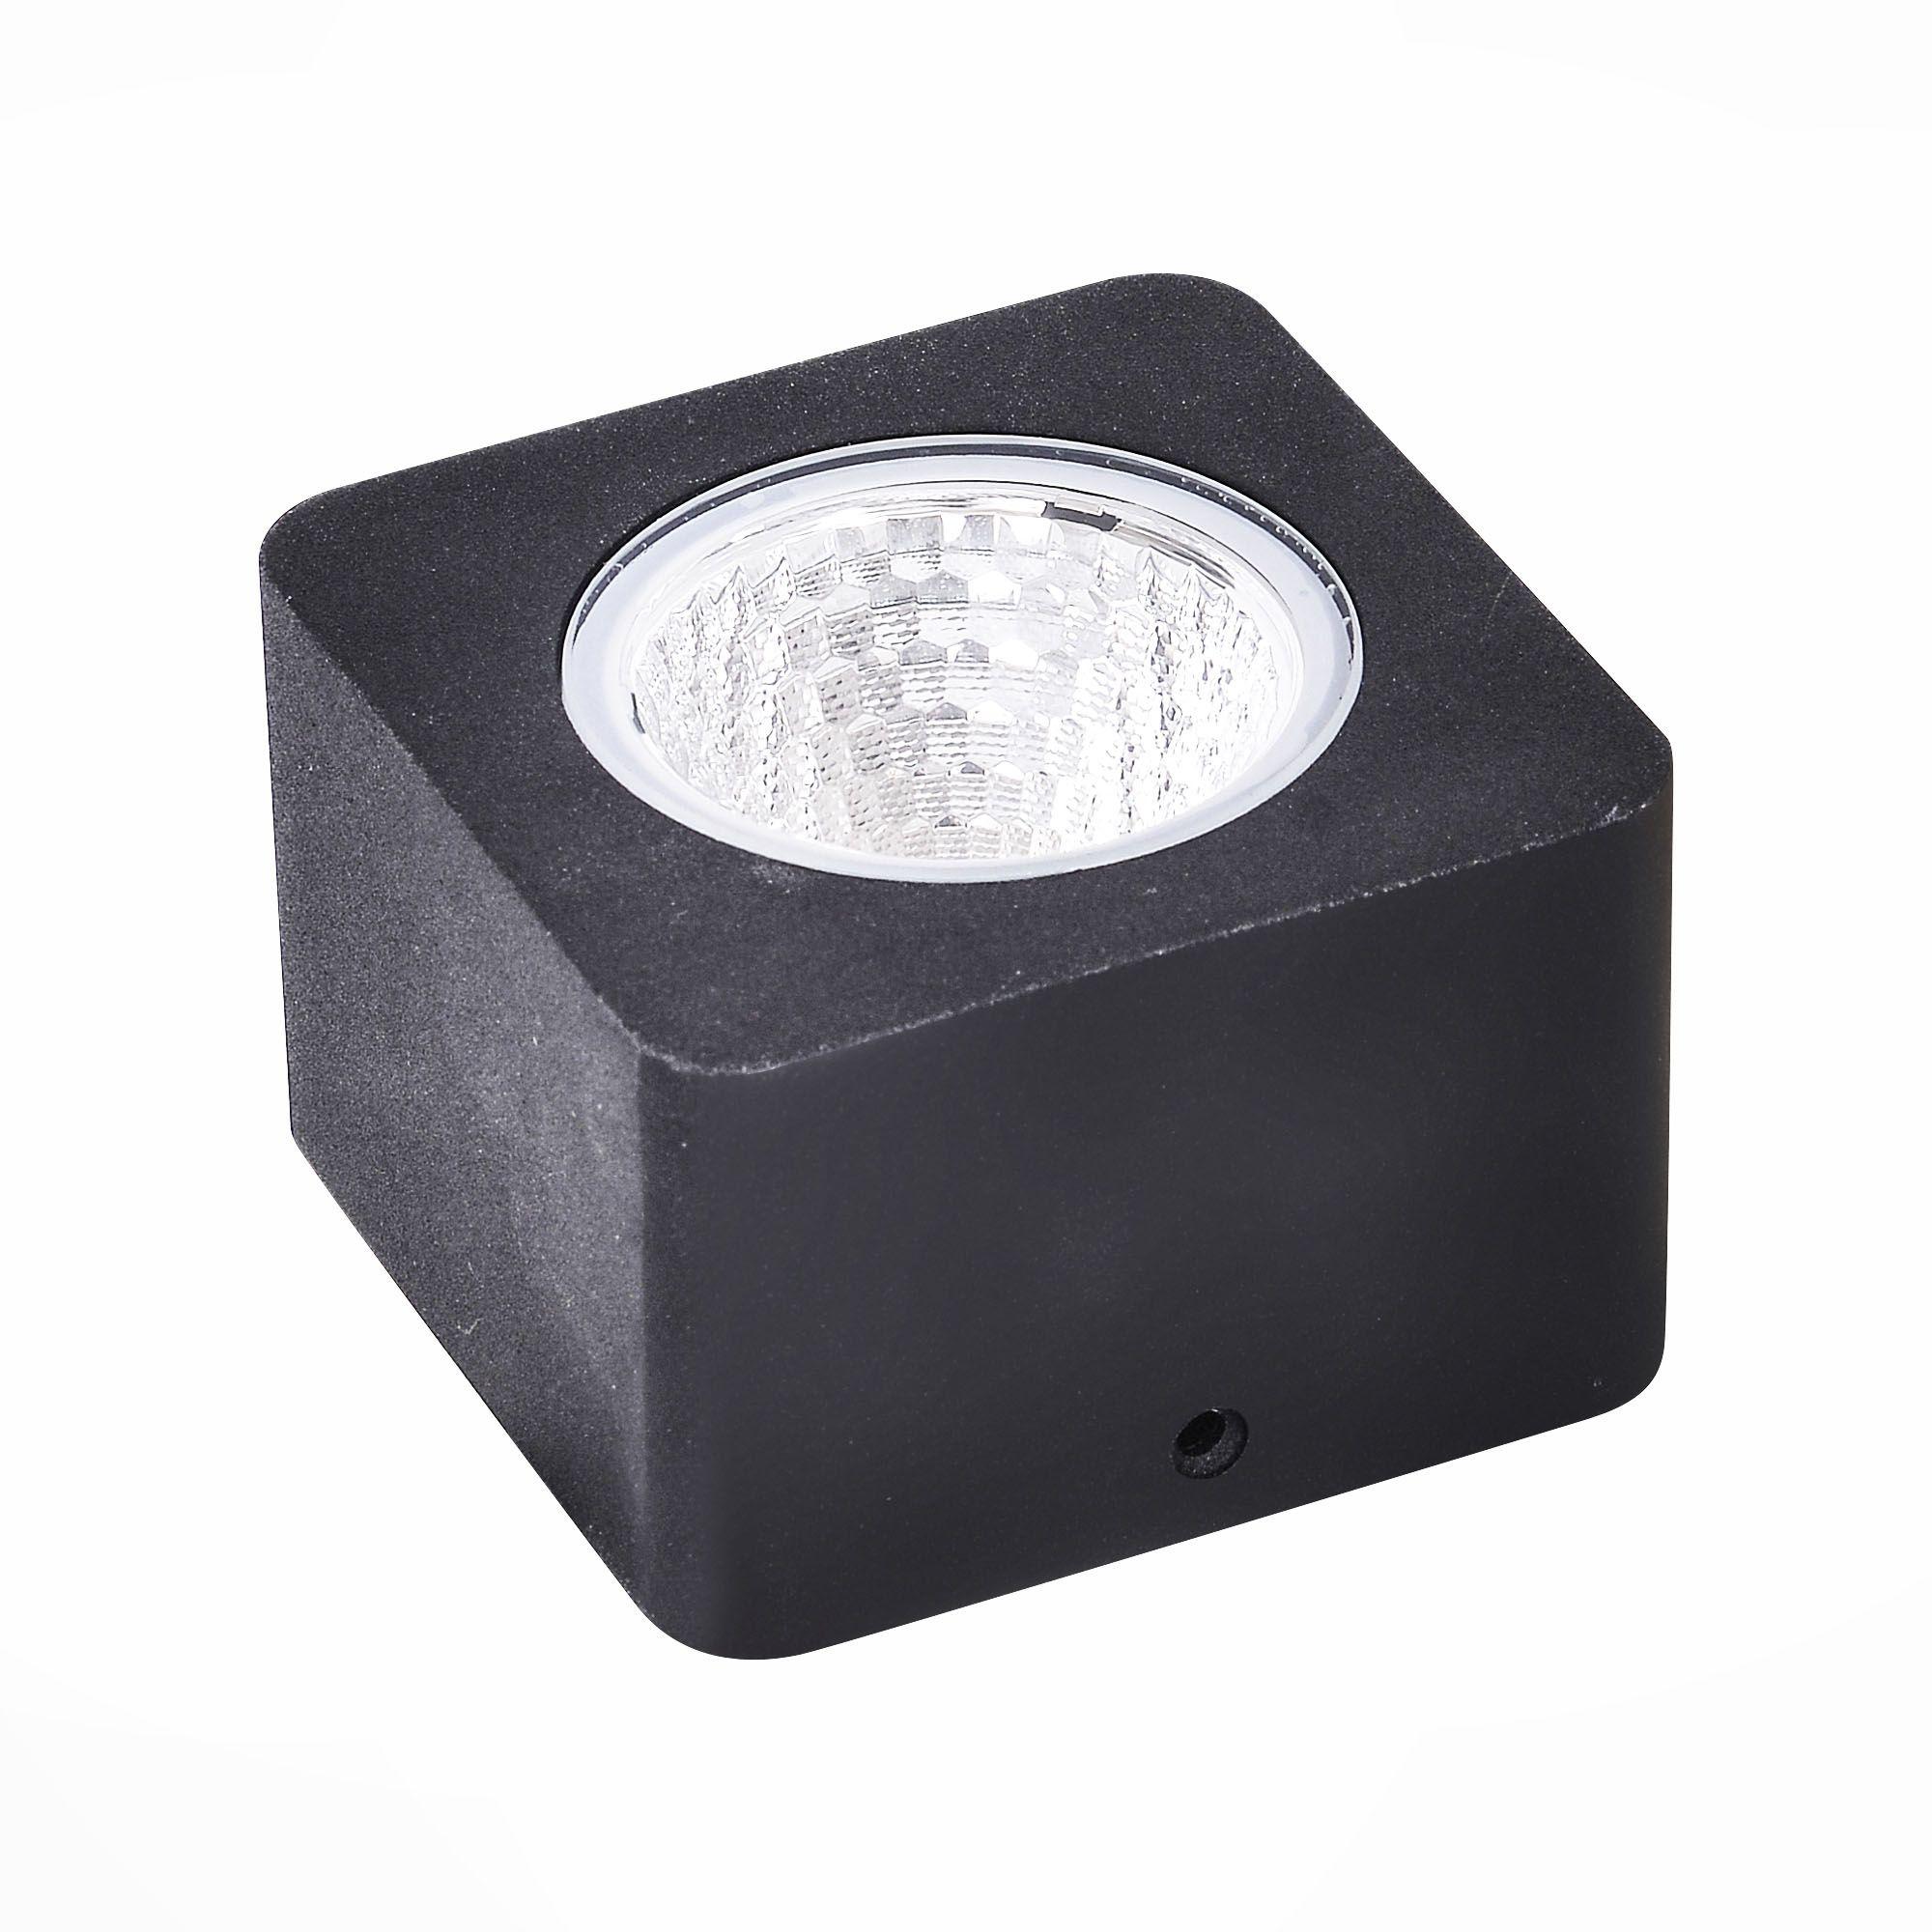 Светильник уличный наземный ST-Luce Черный/Прозрачный LED 1*8W SL097.405.01